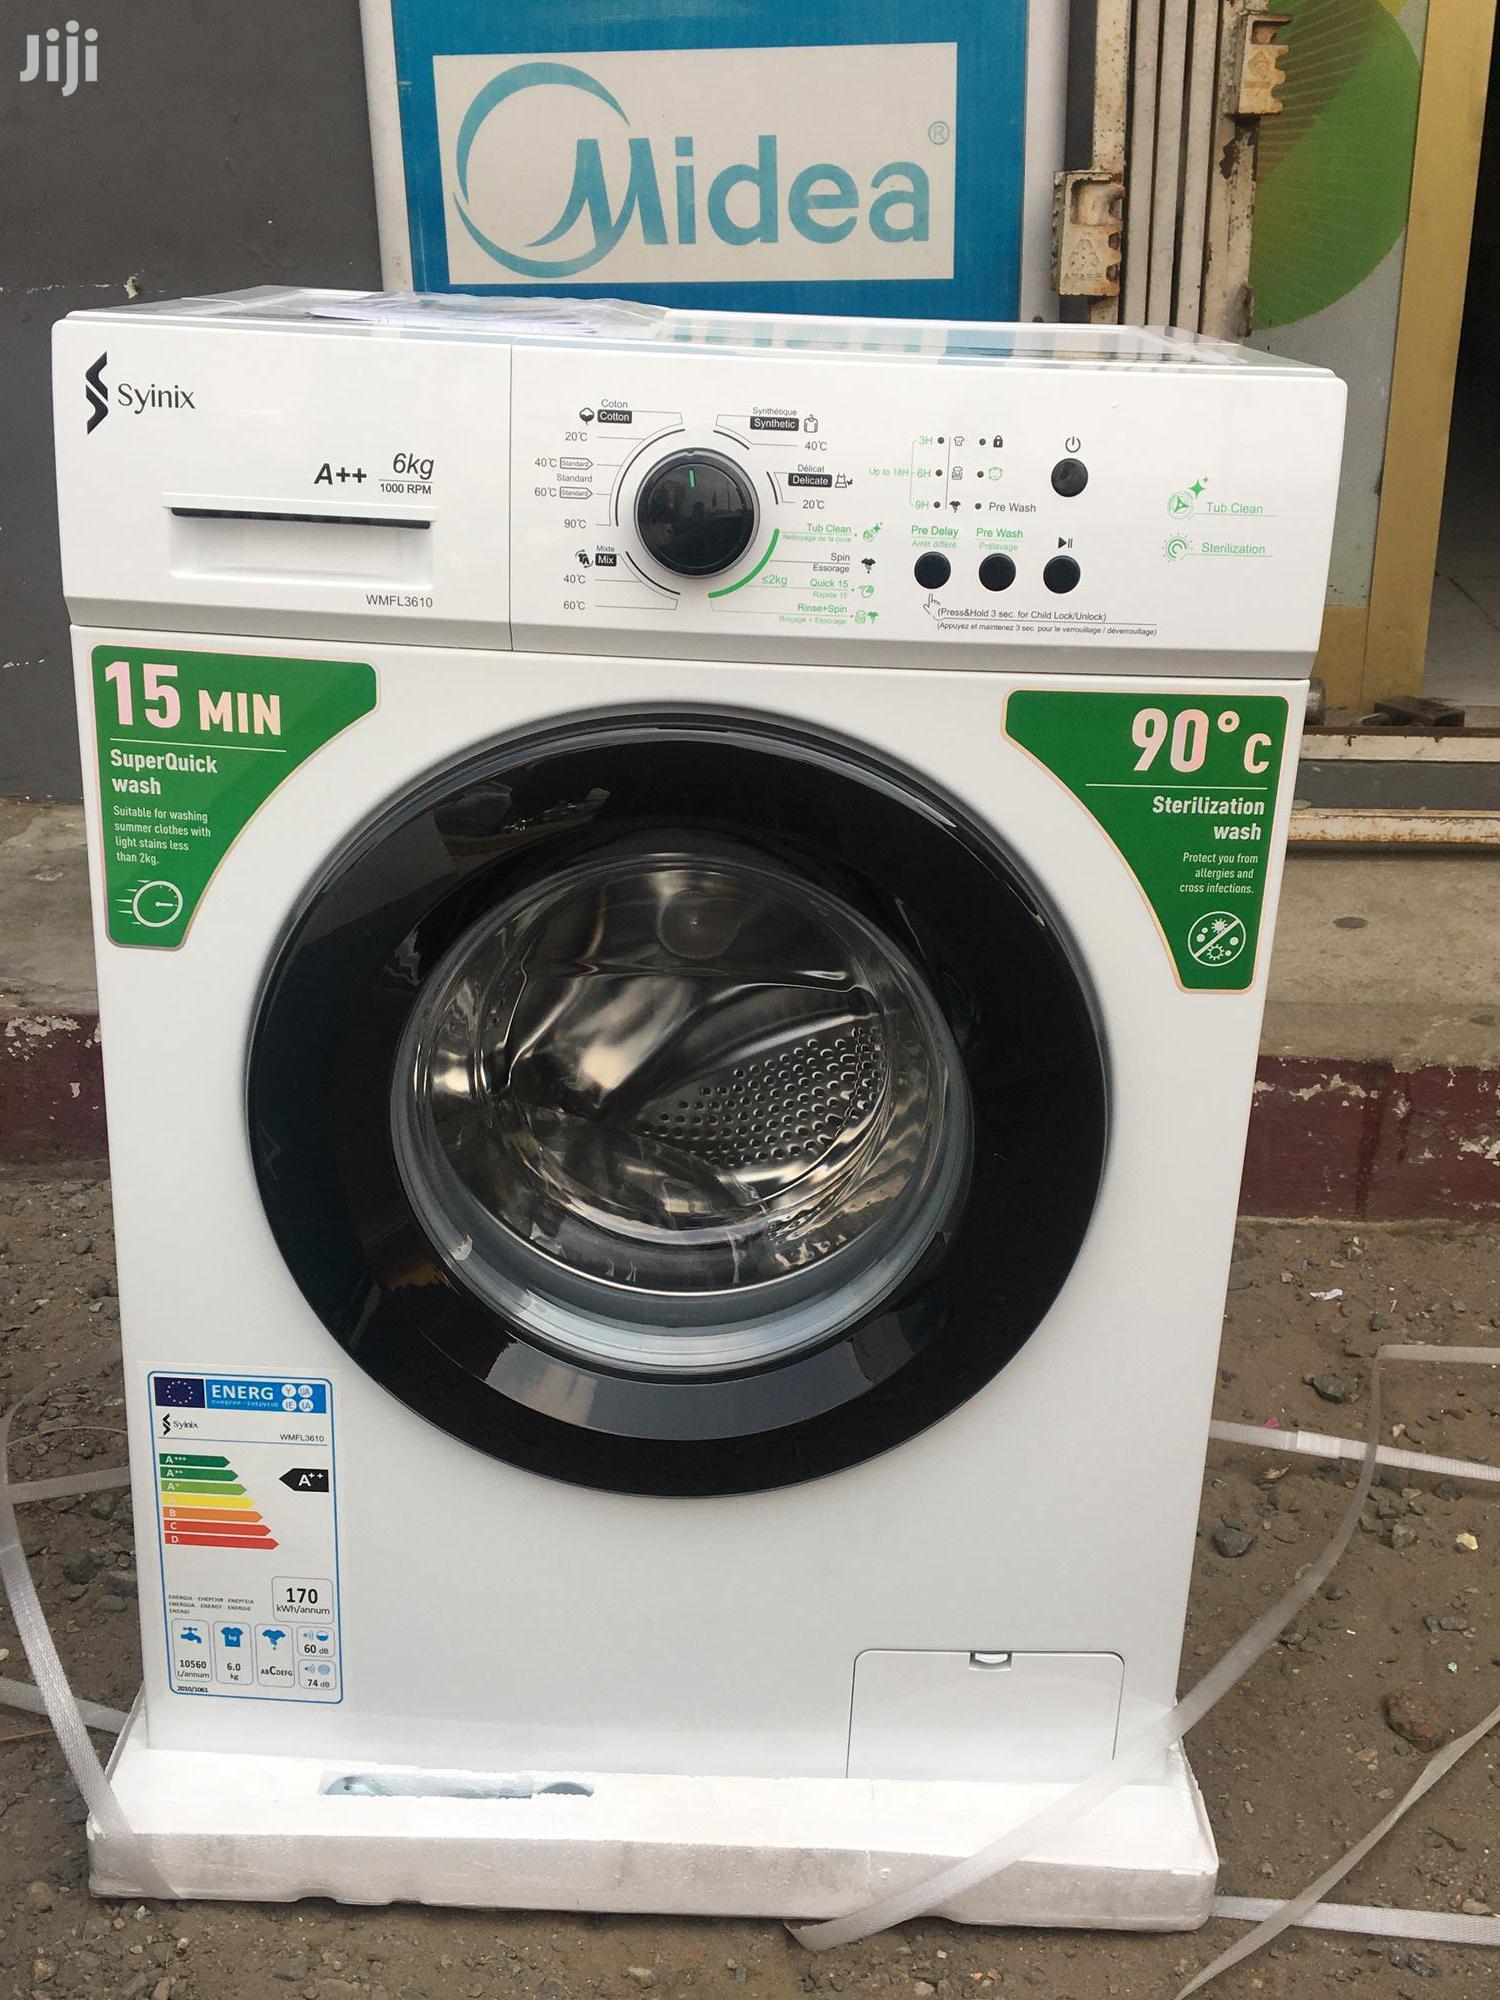 Syinix S7610 6kg Front Load Fully Automatic Washing Machine